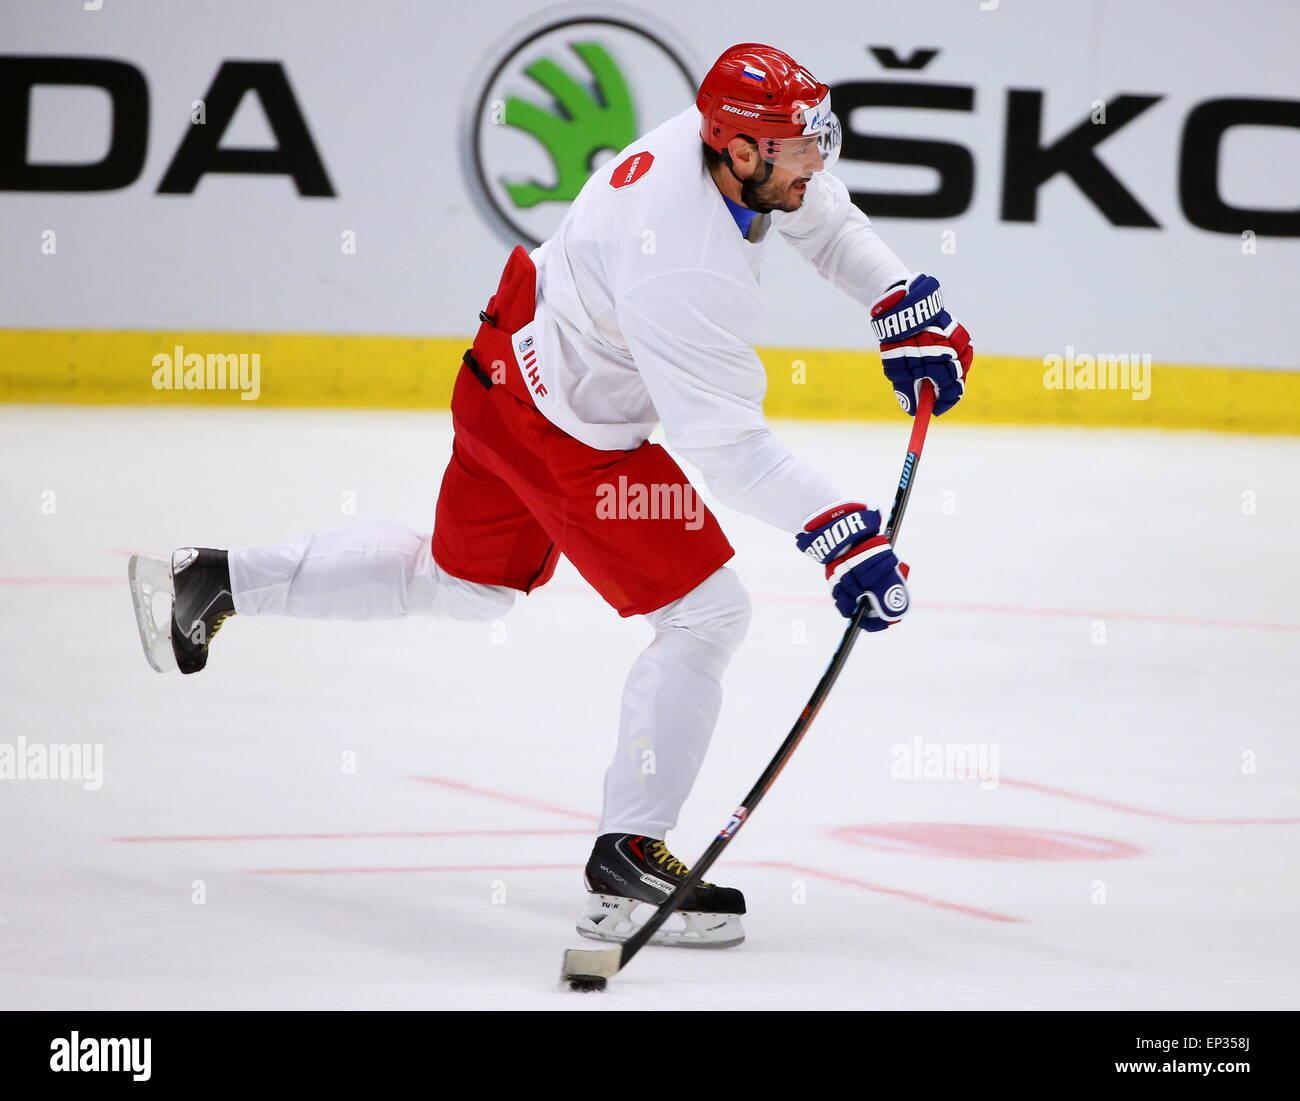 Ostrava, Repubblica Ceca. 13 Maggio, 2015. Ilya Kovalchuk, avanti di uomini russi della nazionale di hockey, pratiche Immagini Stock